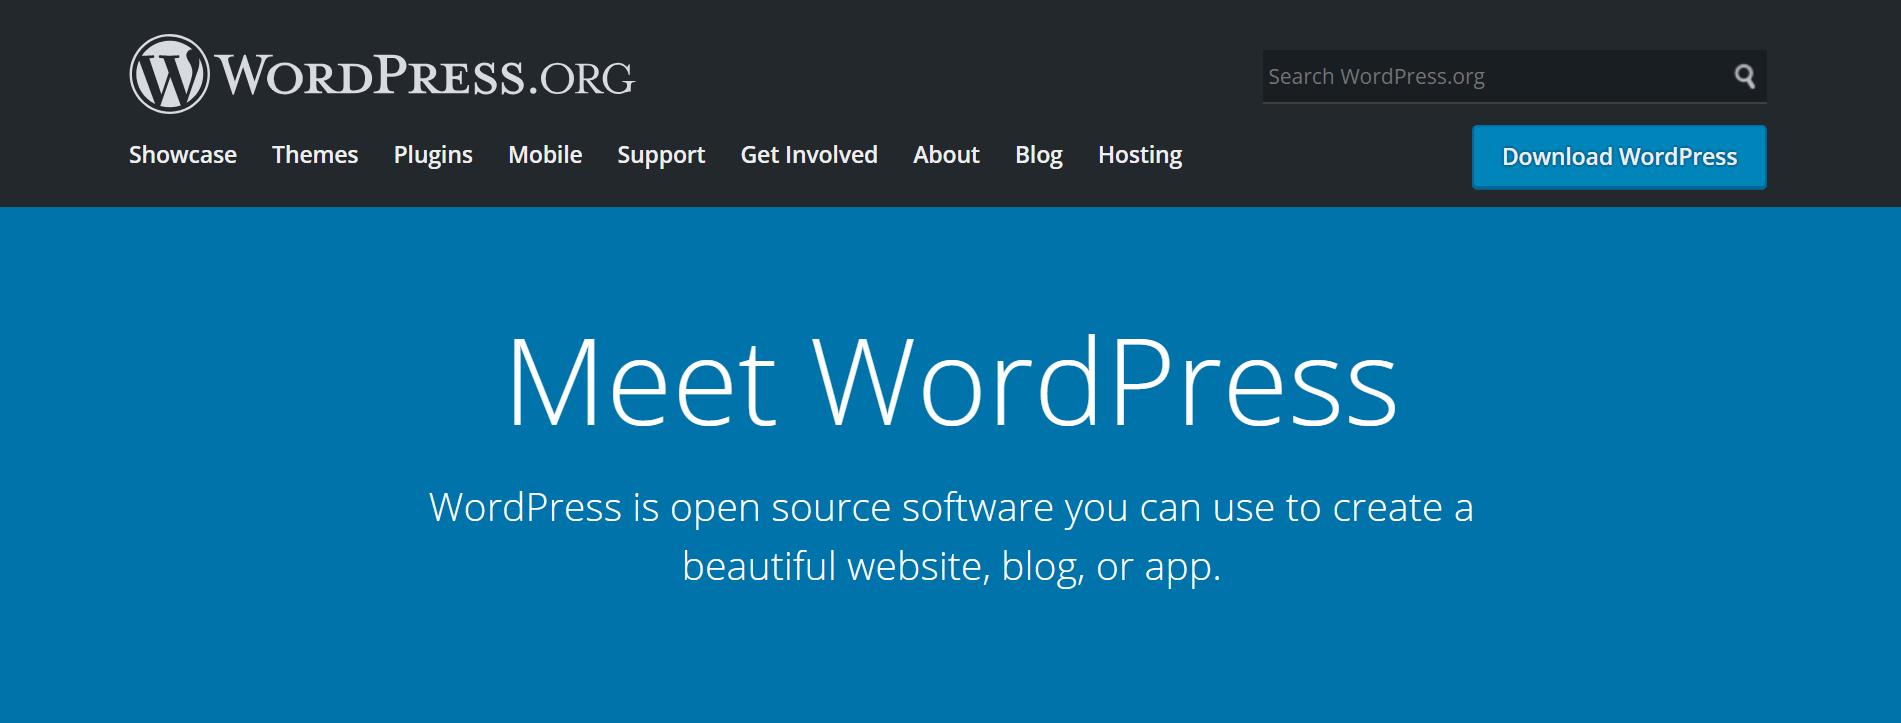 Meet WordPress, the best website builder for small business